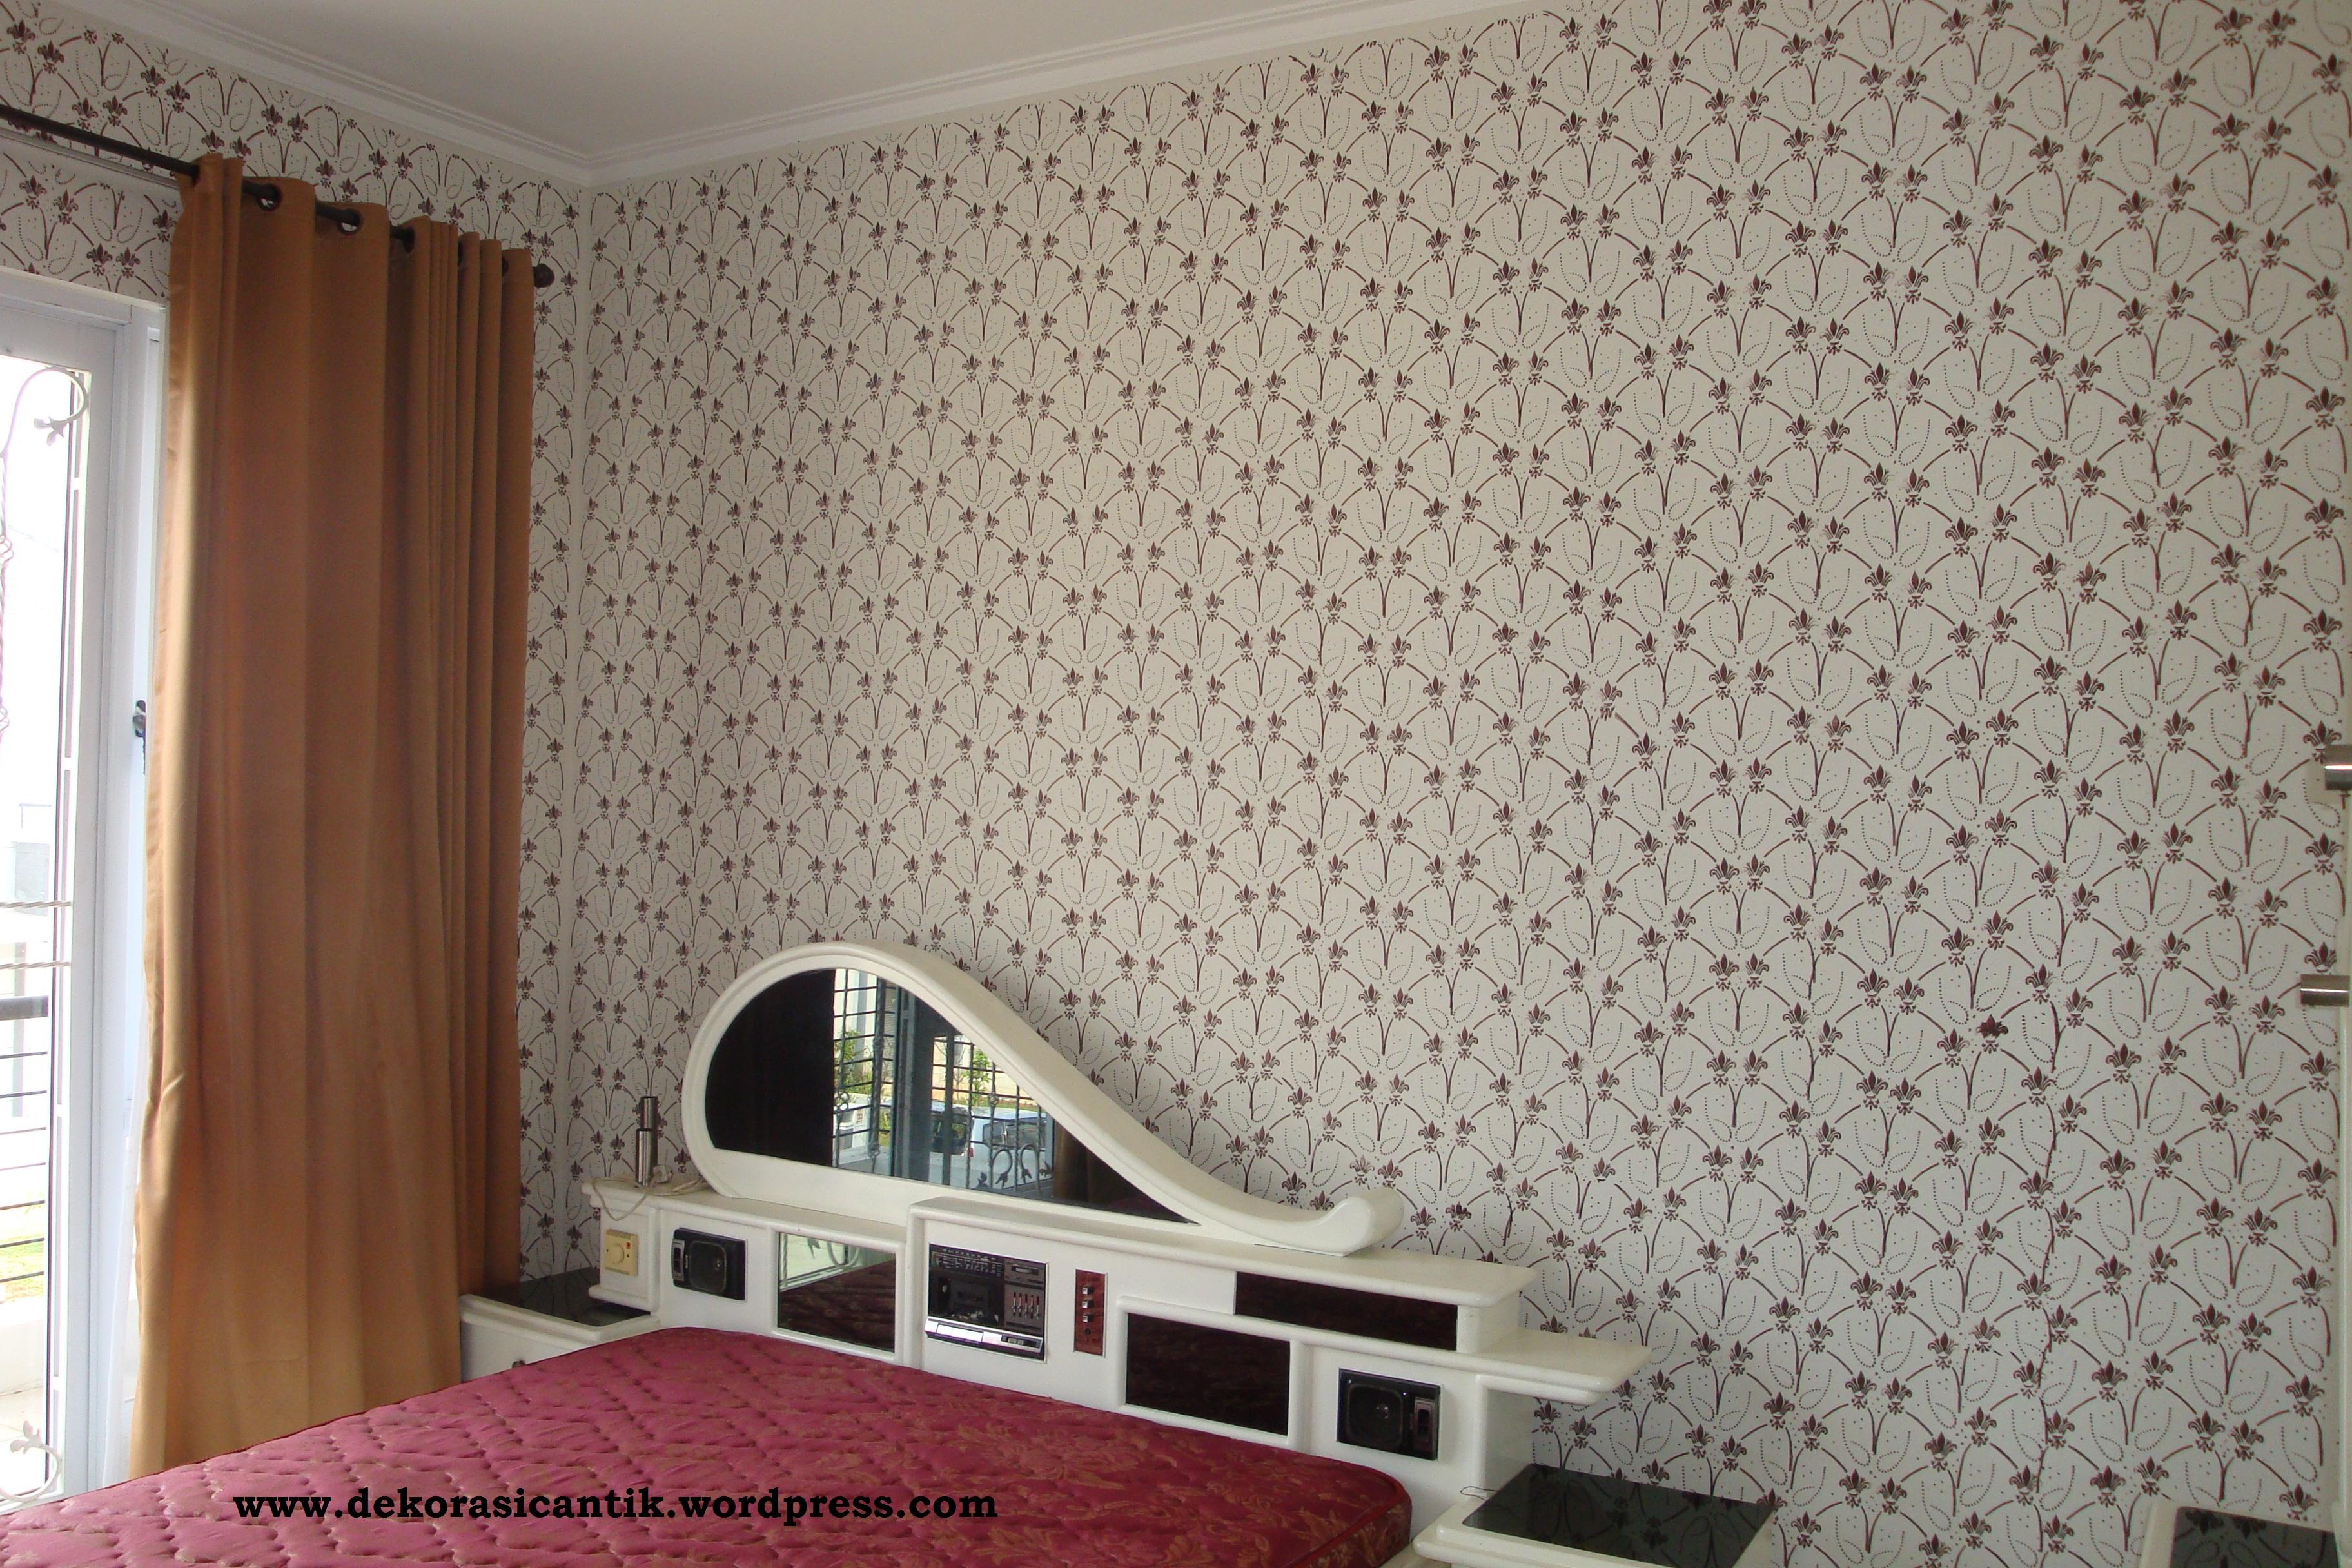 Dekorasi Cantik  Wall Printing  Wallpaper  Design